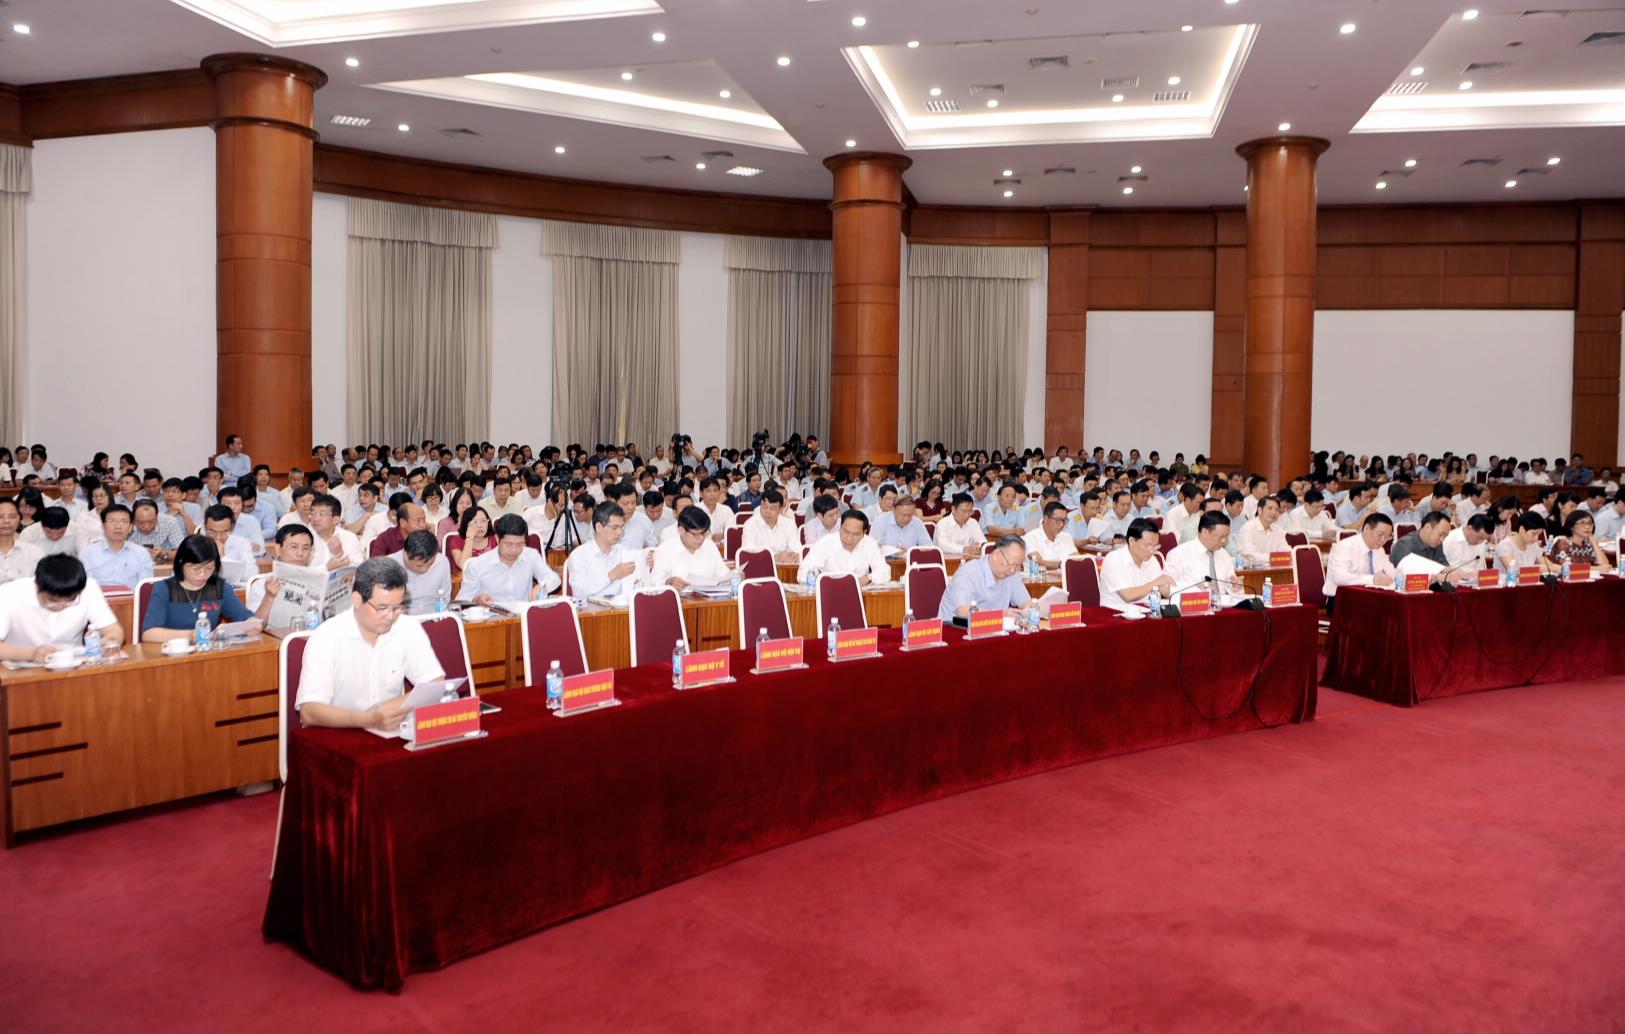 Tham gia ý kiến dự thảo nghị định sửa đổi, bổ sung nghị định số 177/2013/NĐ-CP